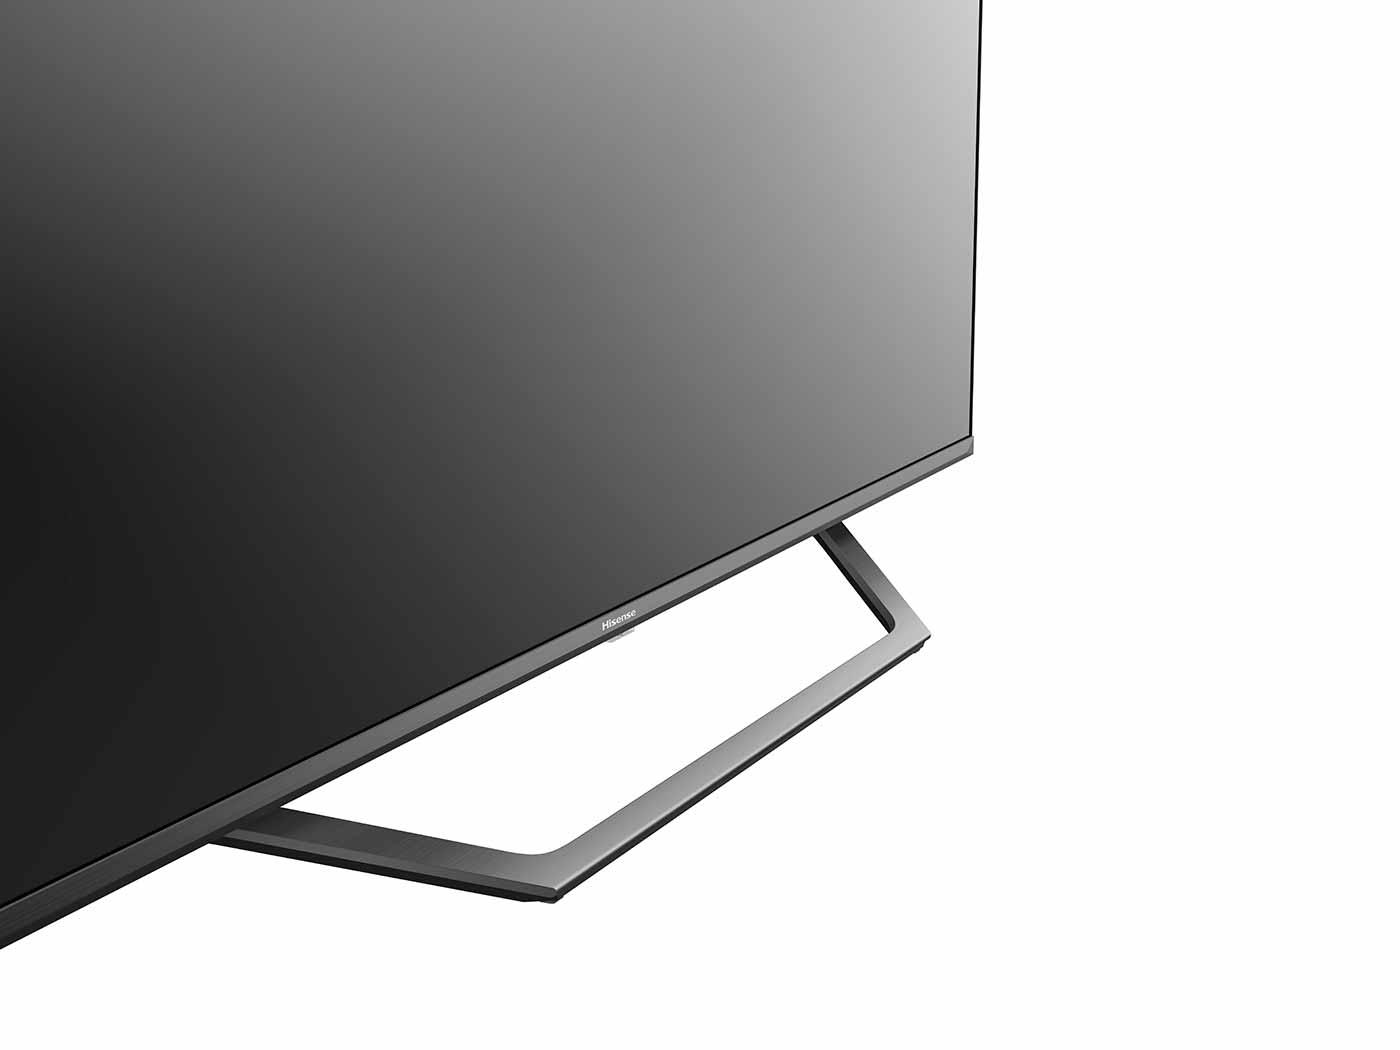 UHD TV UHD TV 55A7500F 55″